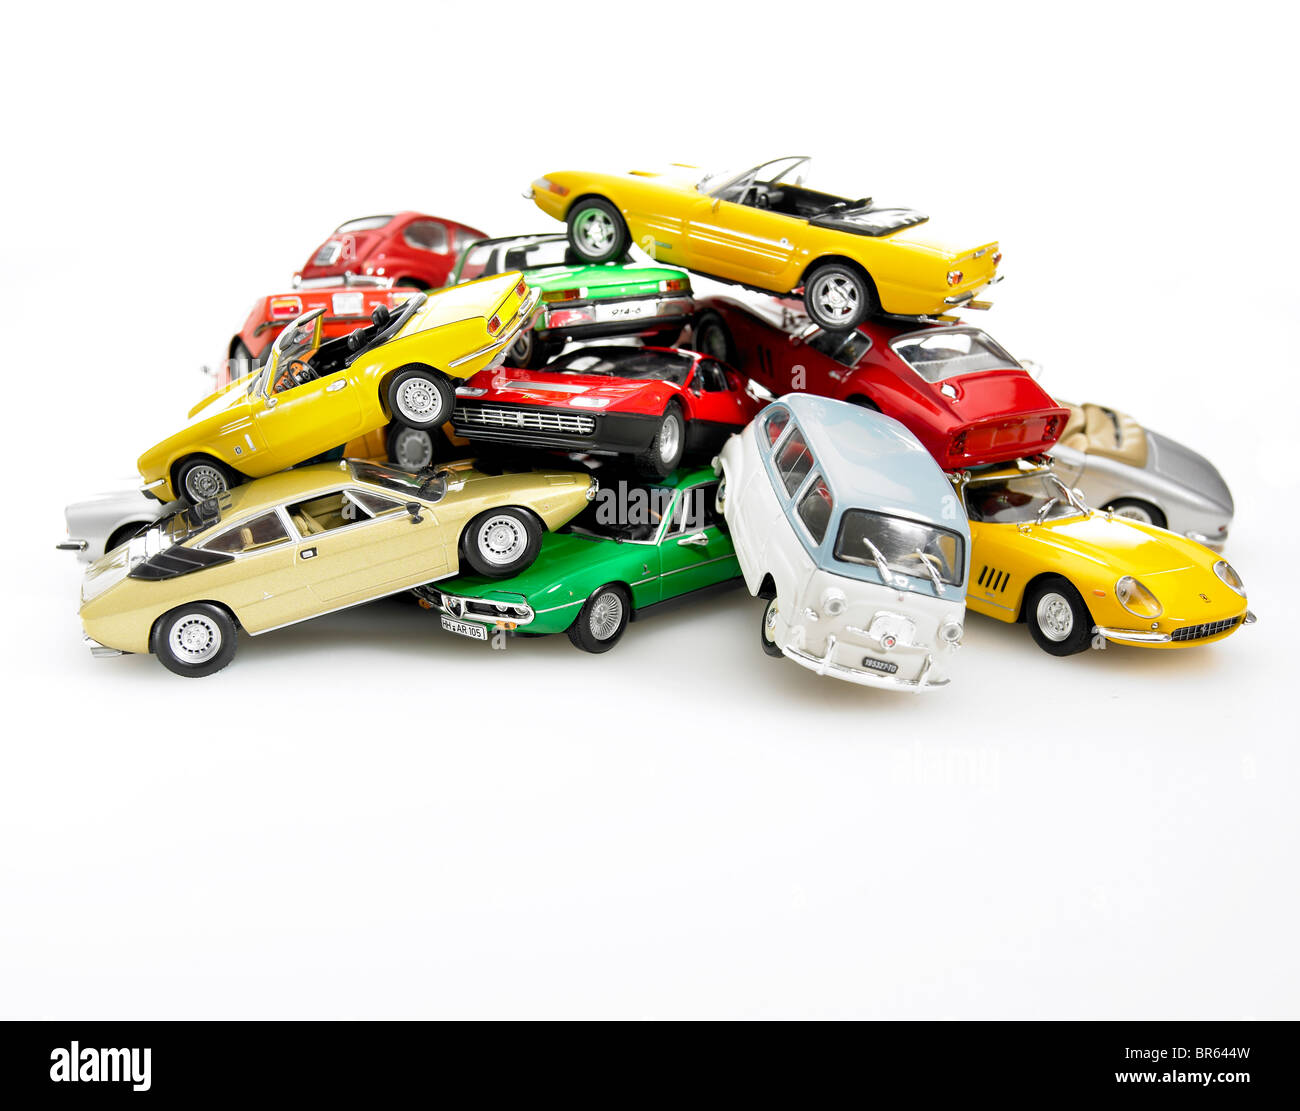 Pile de modèle miniature de voitures. Photo Stock